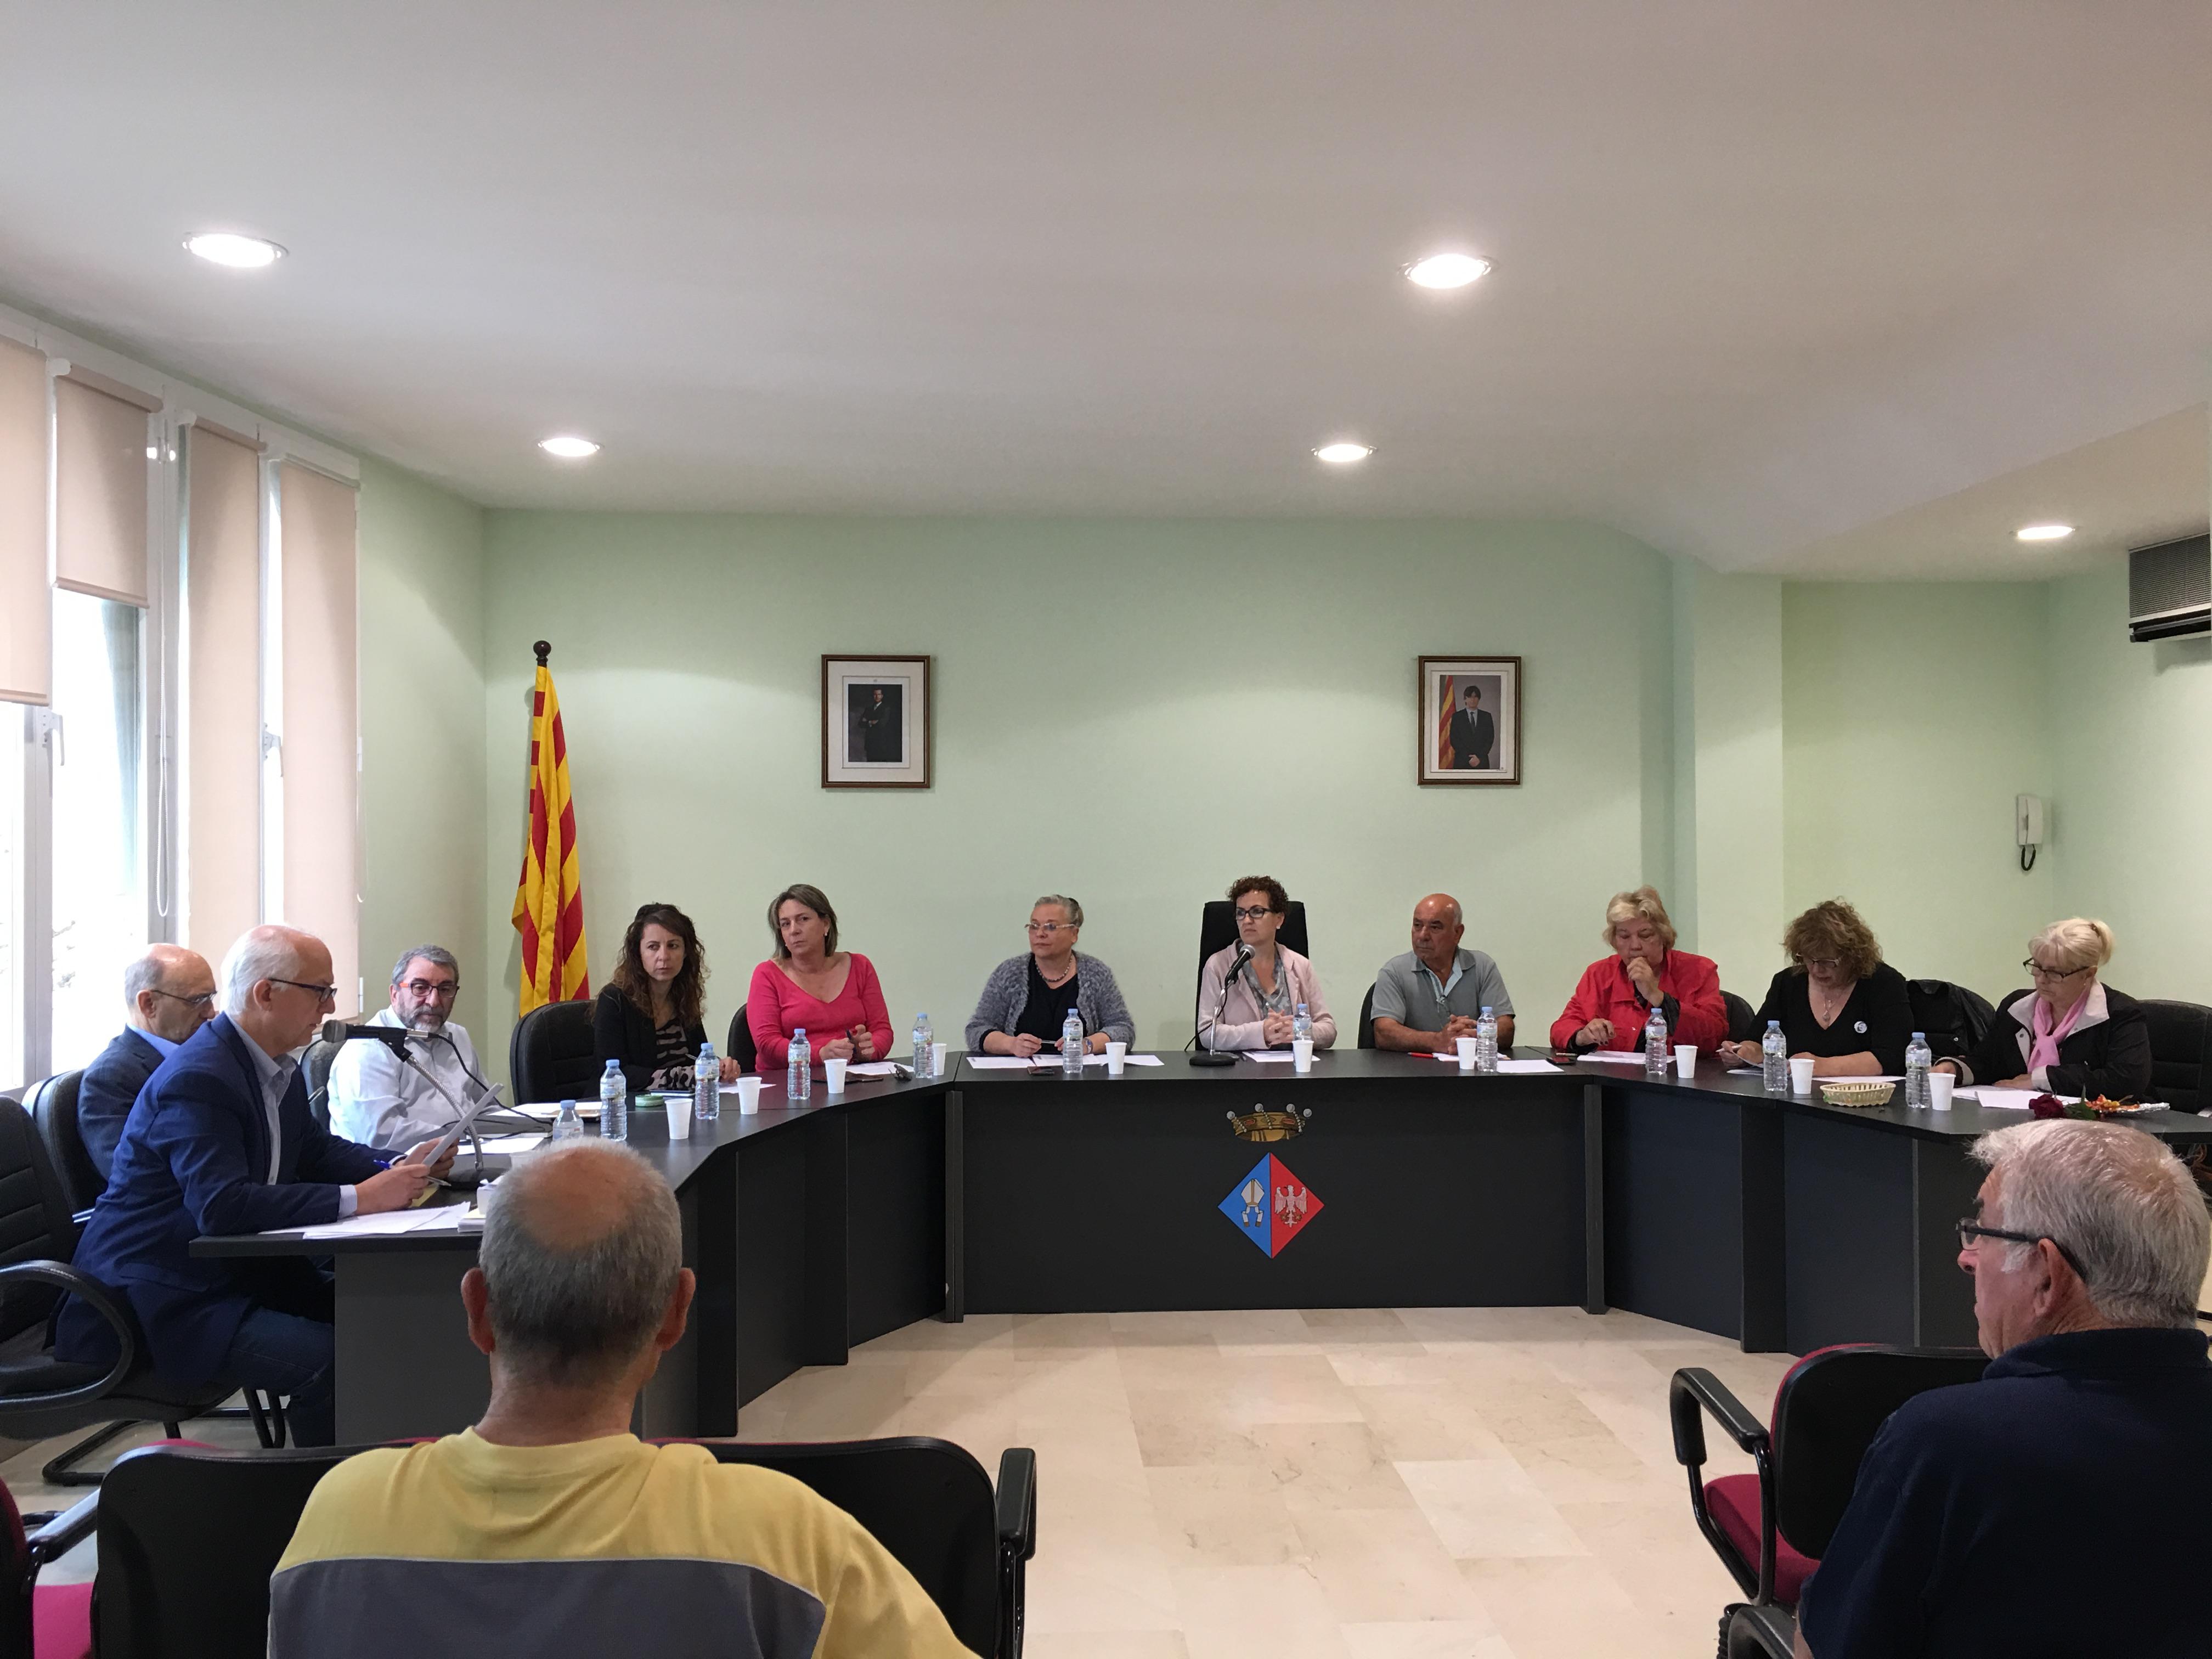 Aquest dijous 10 de maig ha tingut lloc una sessió extraordinària del Ple de l'Ajuntament de la Bisbal